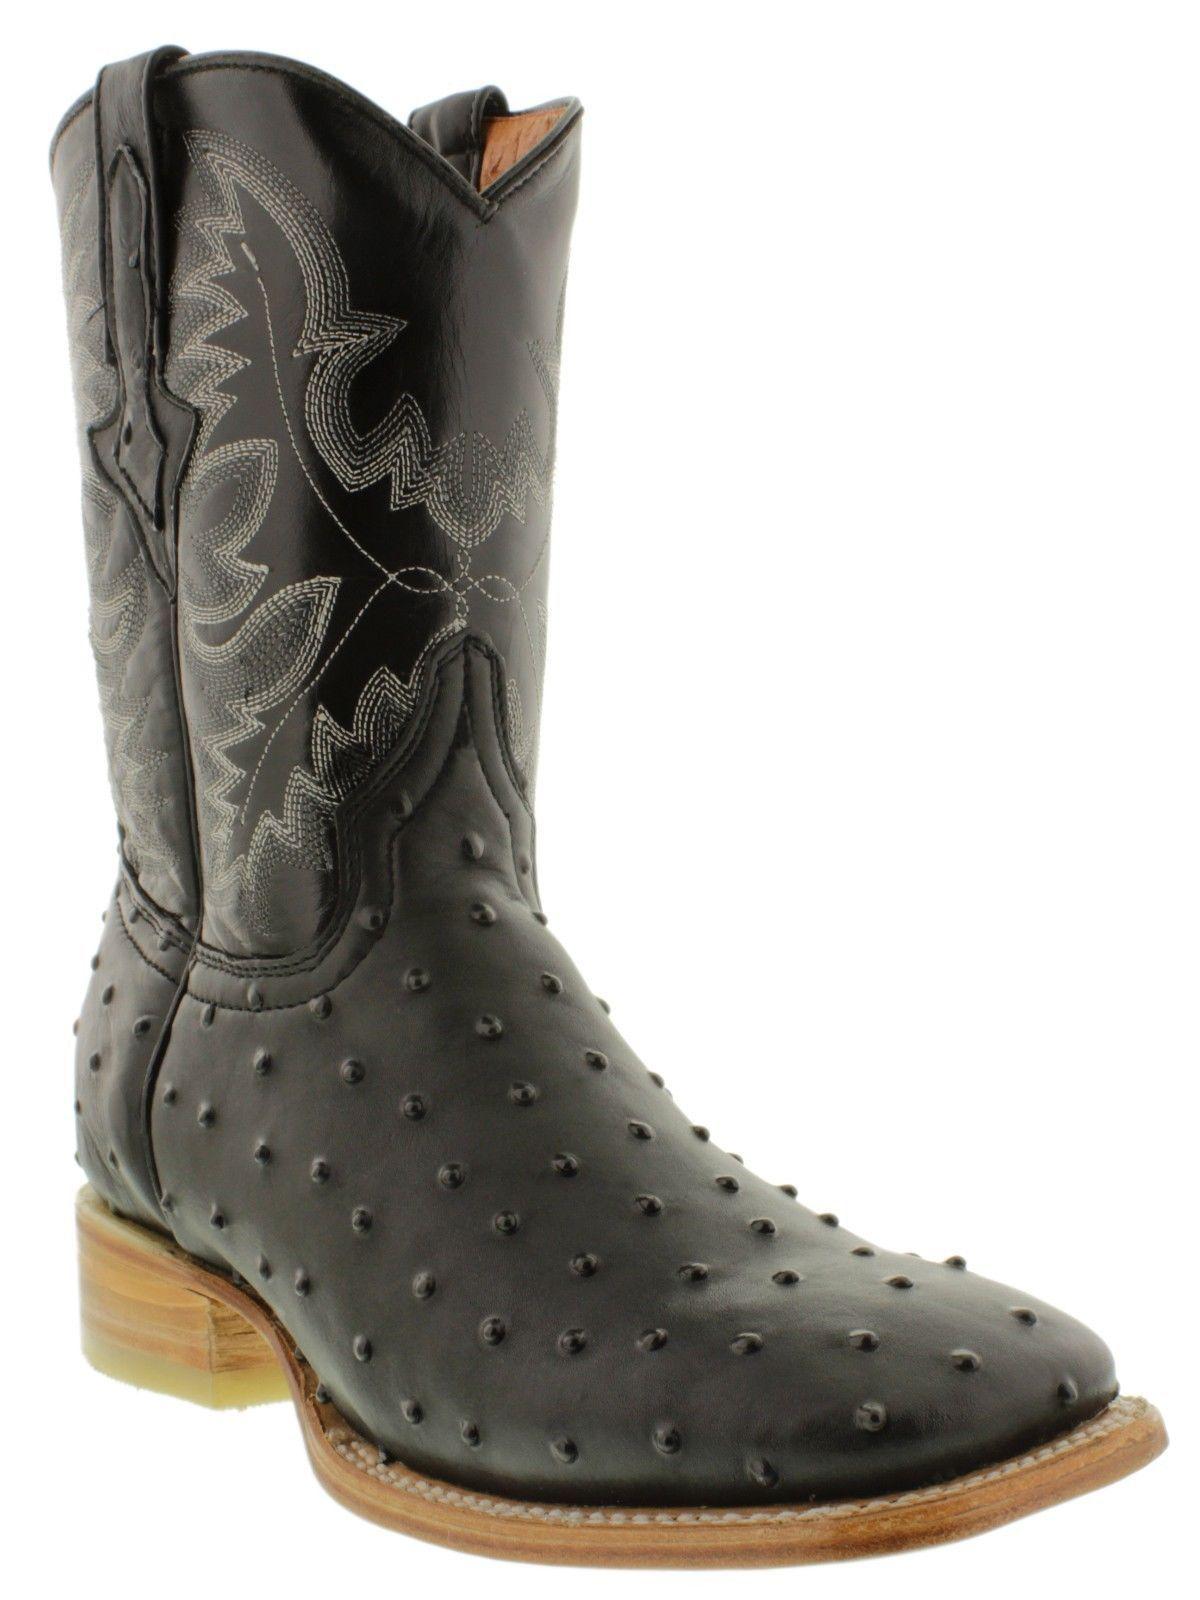 abb4de033d71 S l1600. S l1600. Previous. Mens Black Exotic Ostrich Leather Western  Cowboy Rodeo Boots Tan Sole